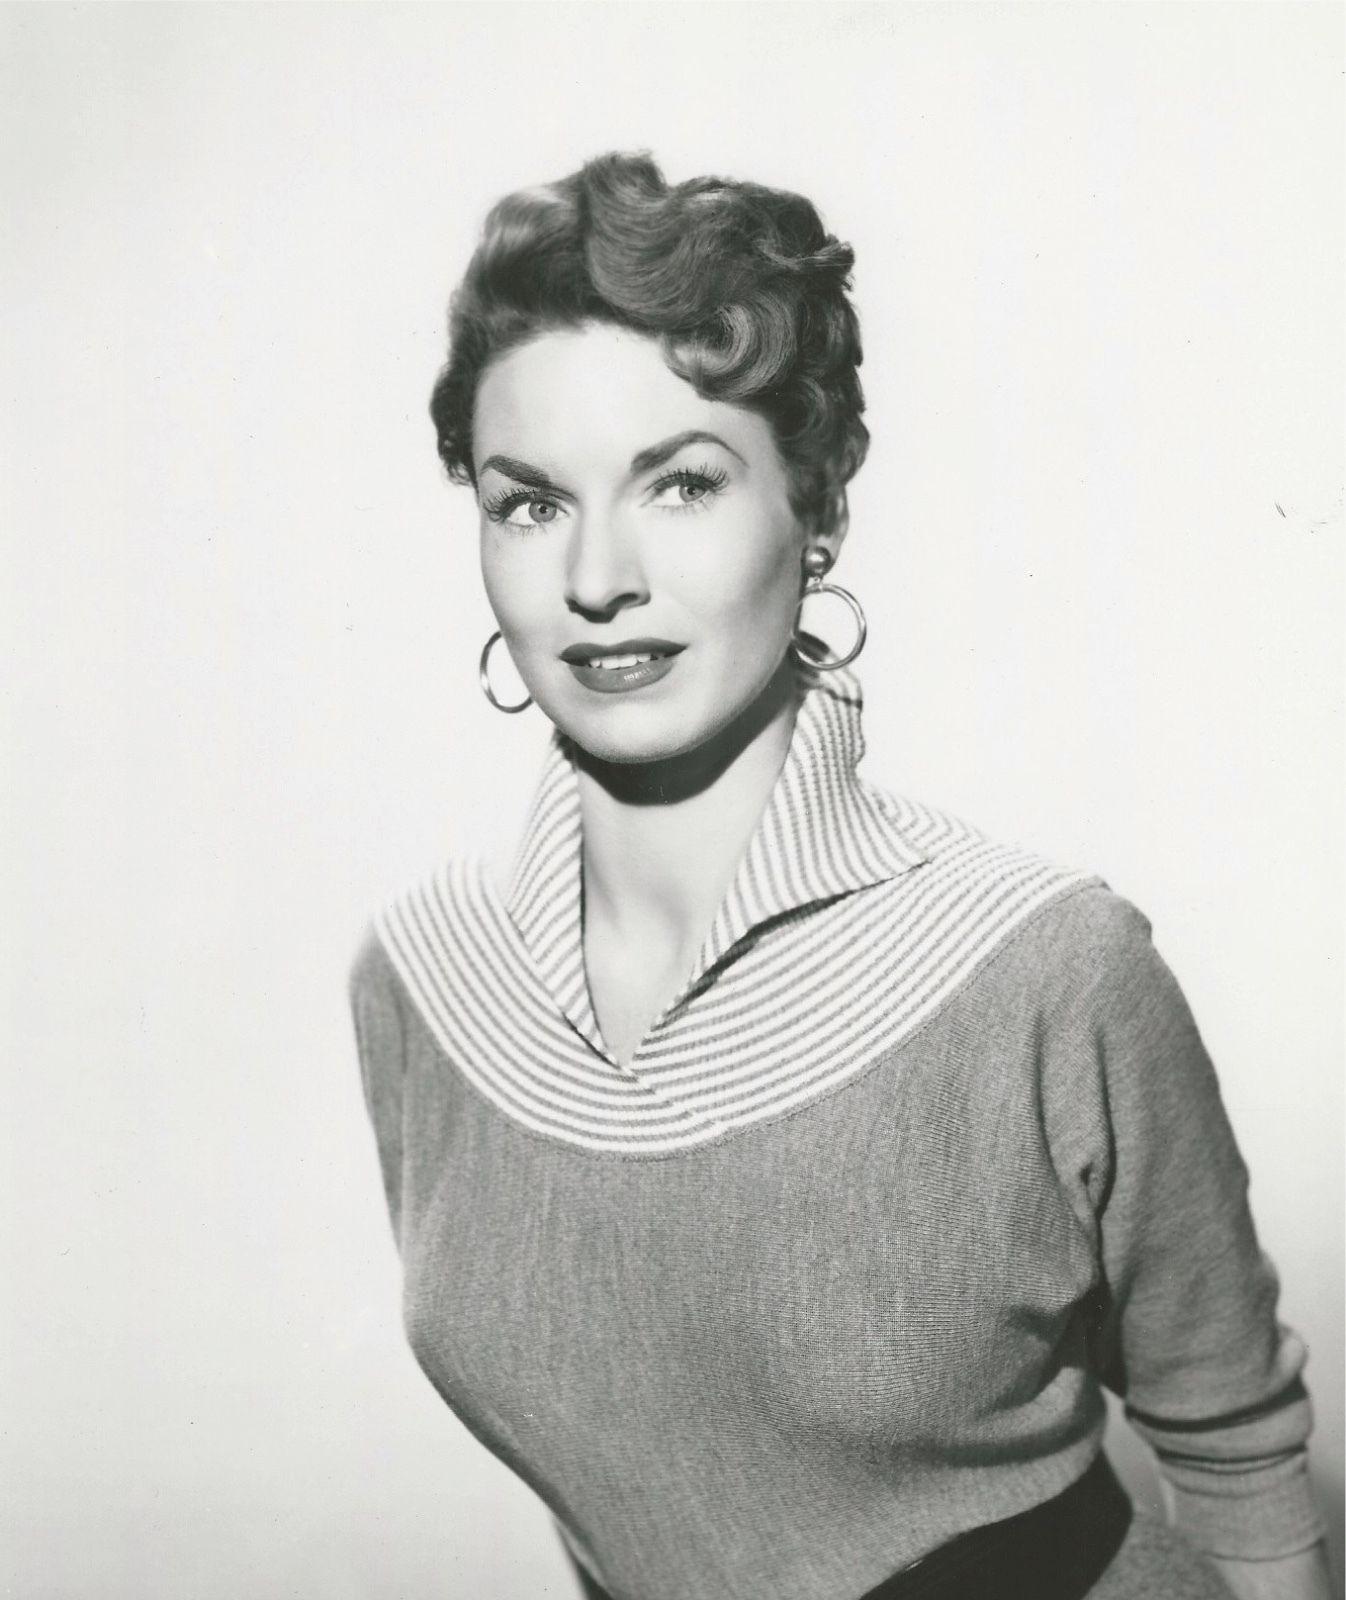 Jan Shepard,Siena Goines Adult pictures Liz Alindogan (b. 1963),Misty Dawn